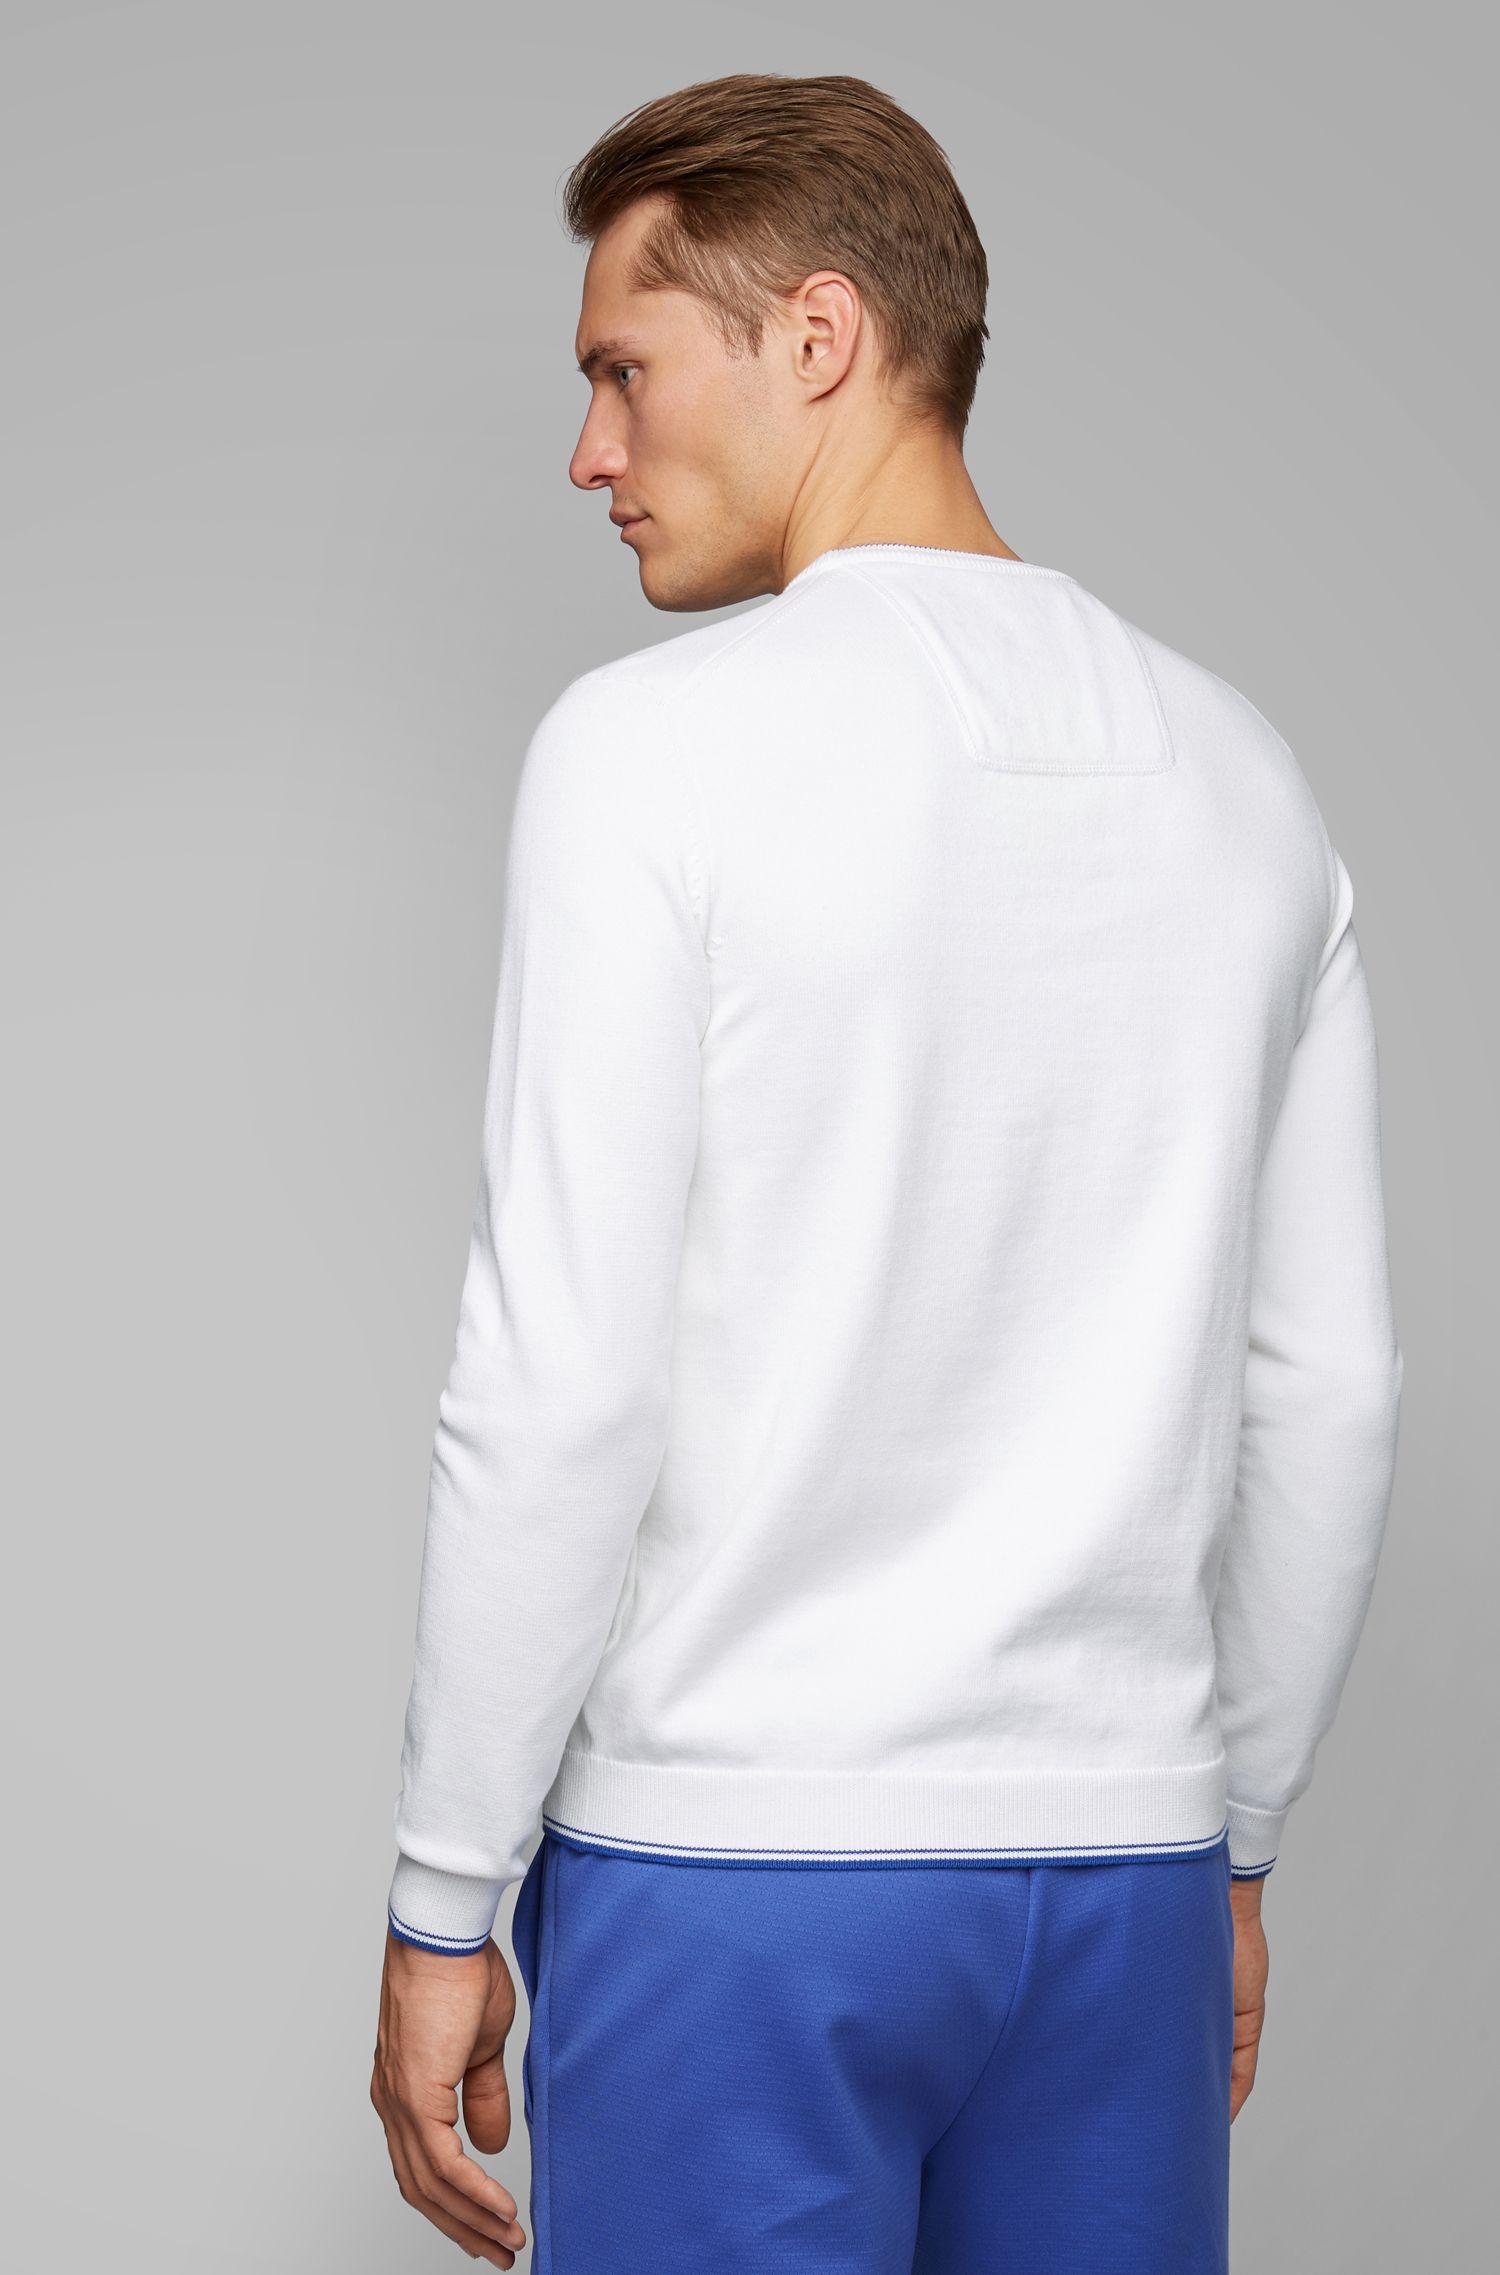 Jersey de cuello redondo con detalles en contraste, Blanco